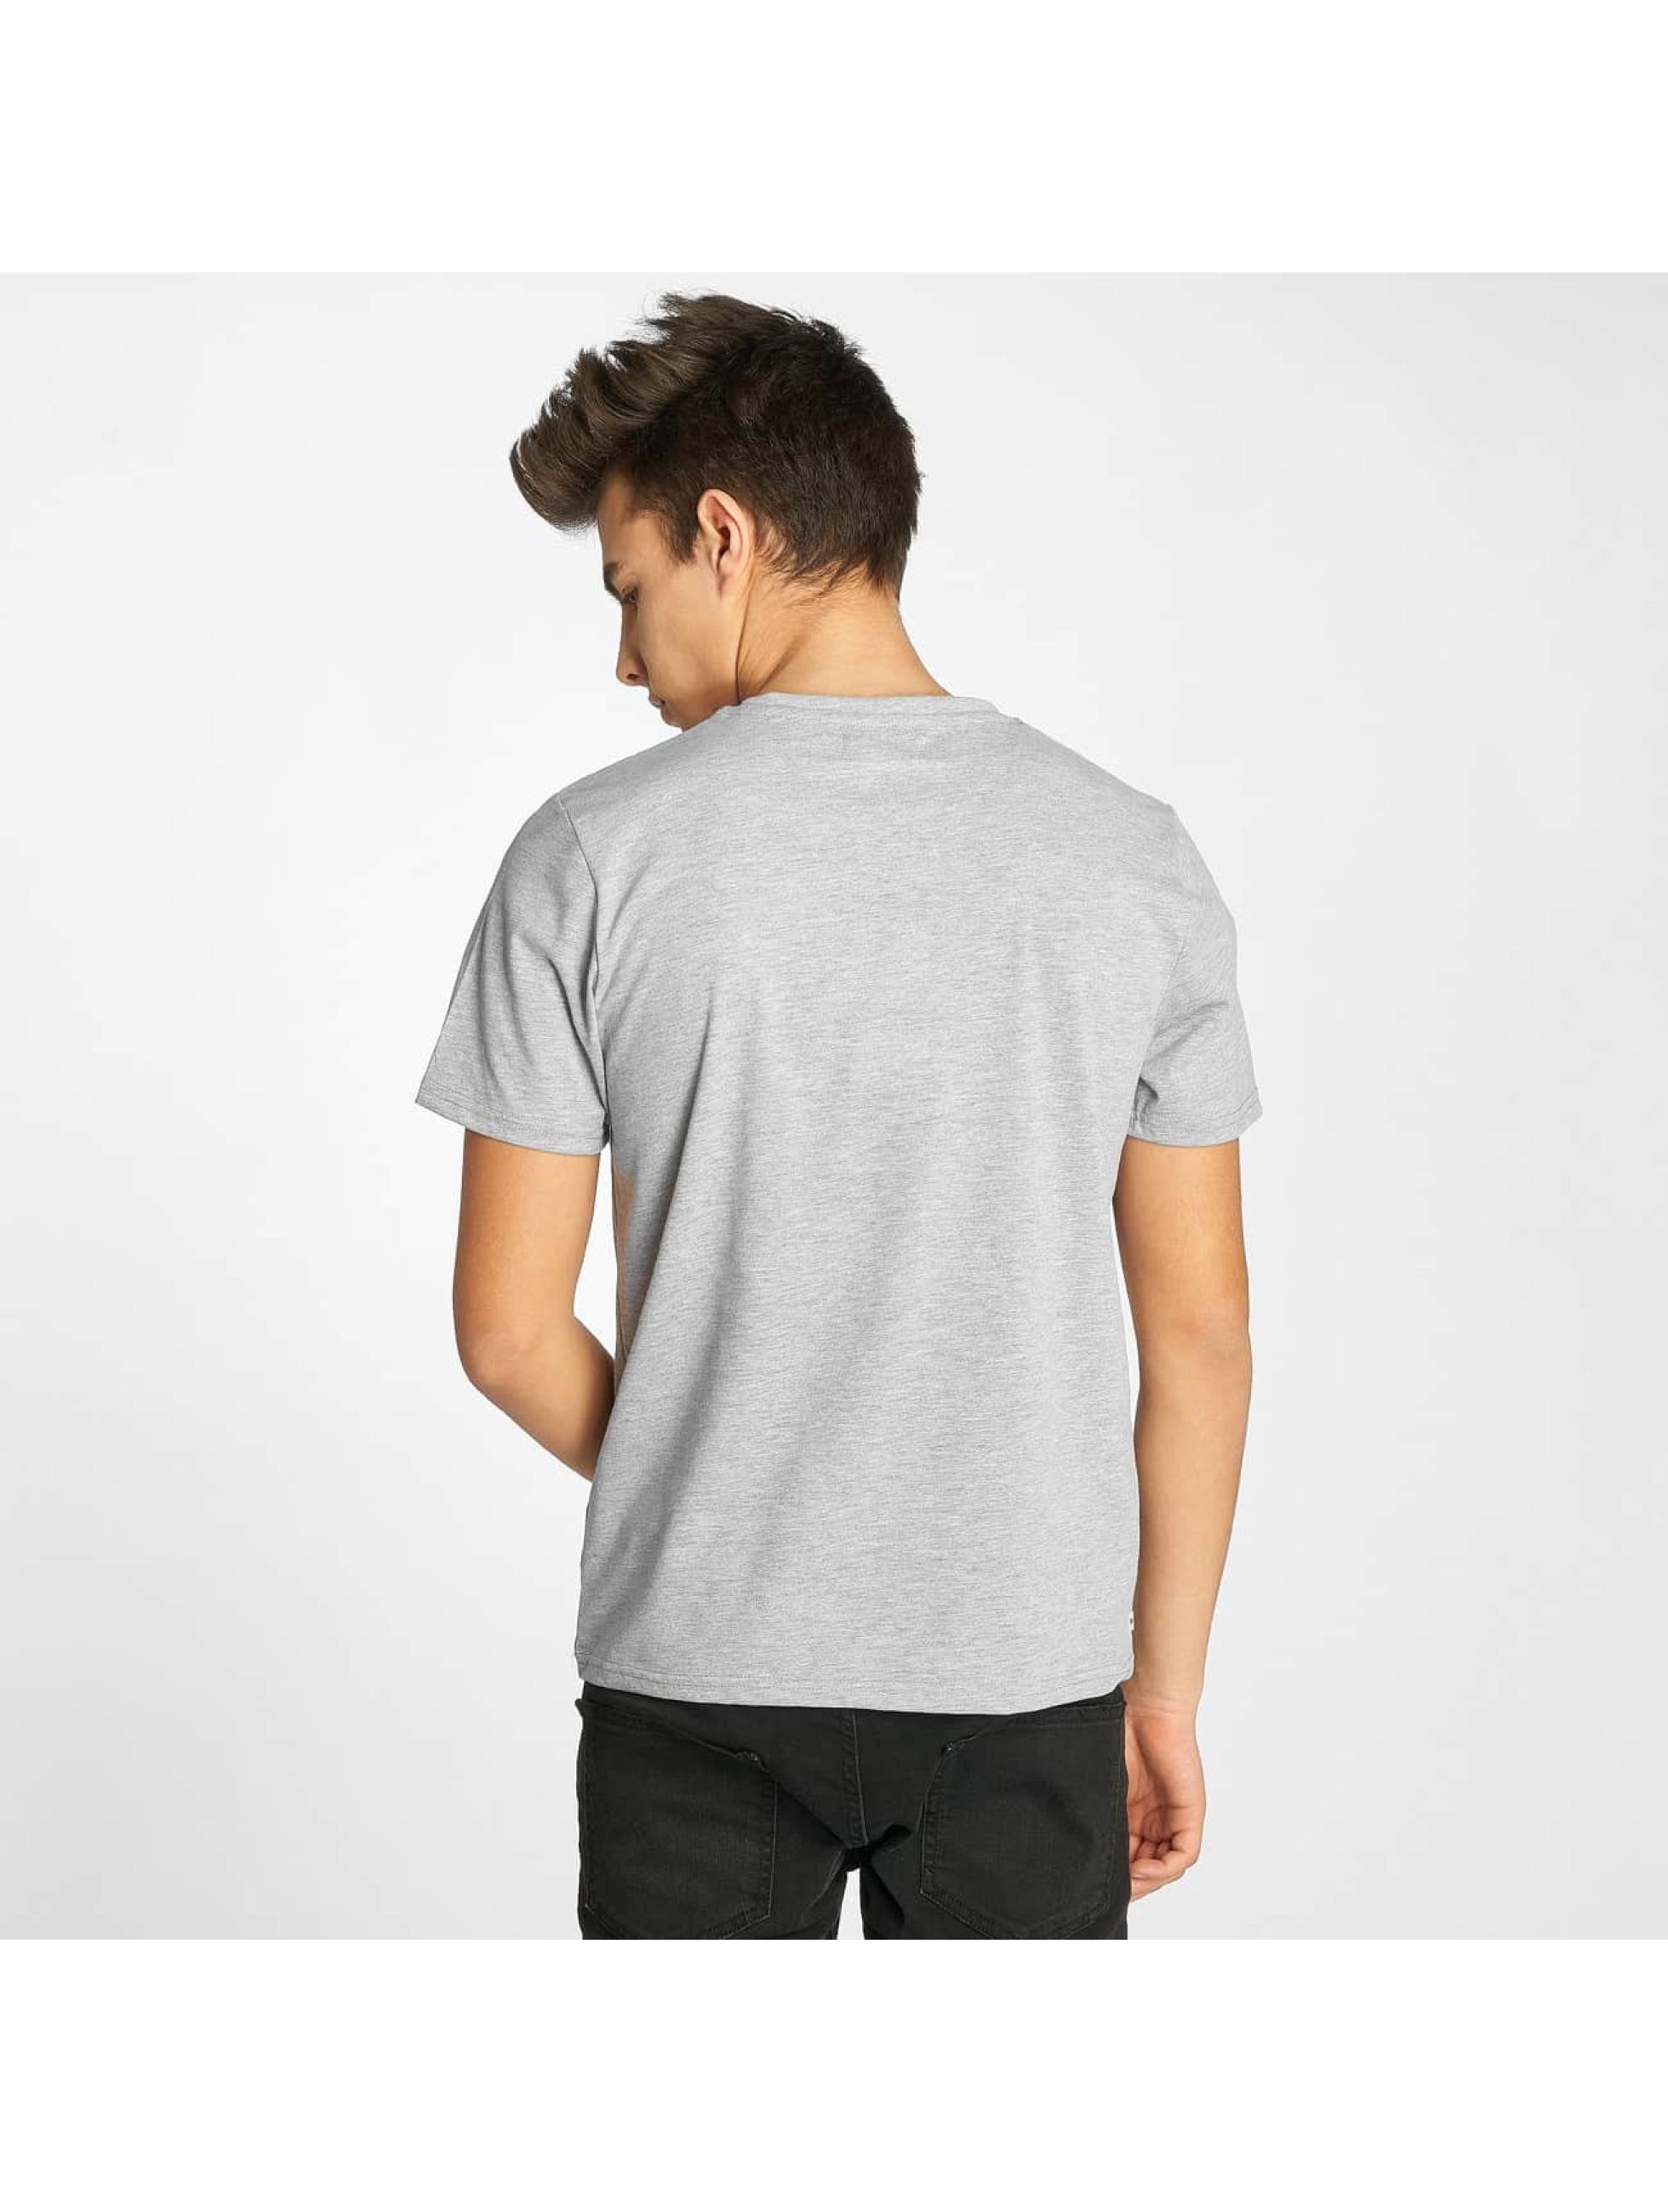 Kulte T-skjorter New York grå